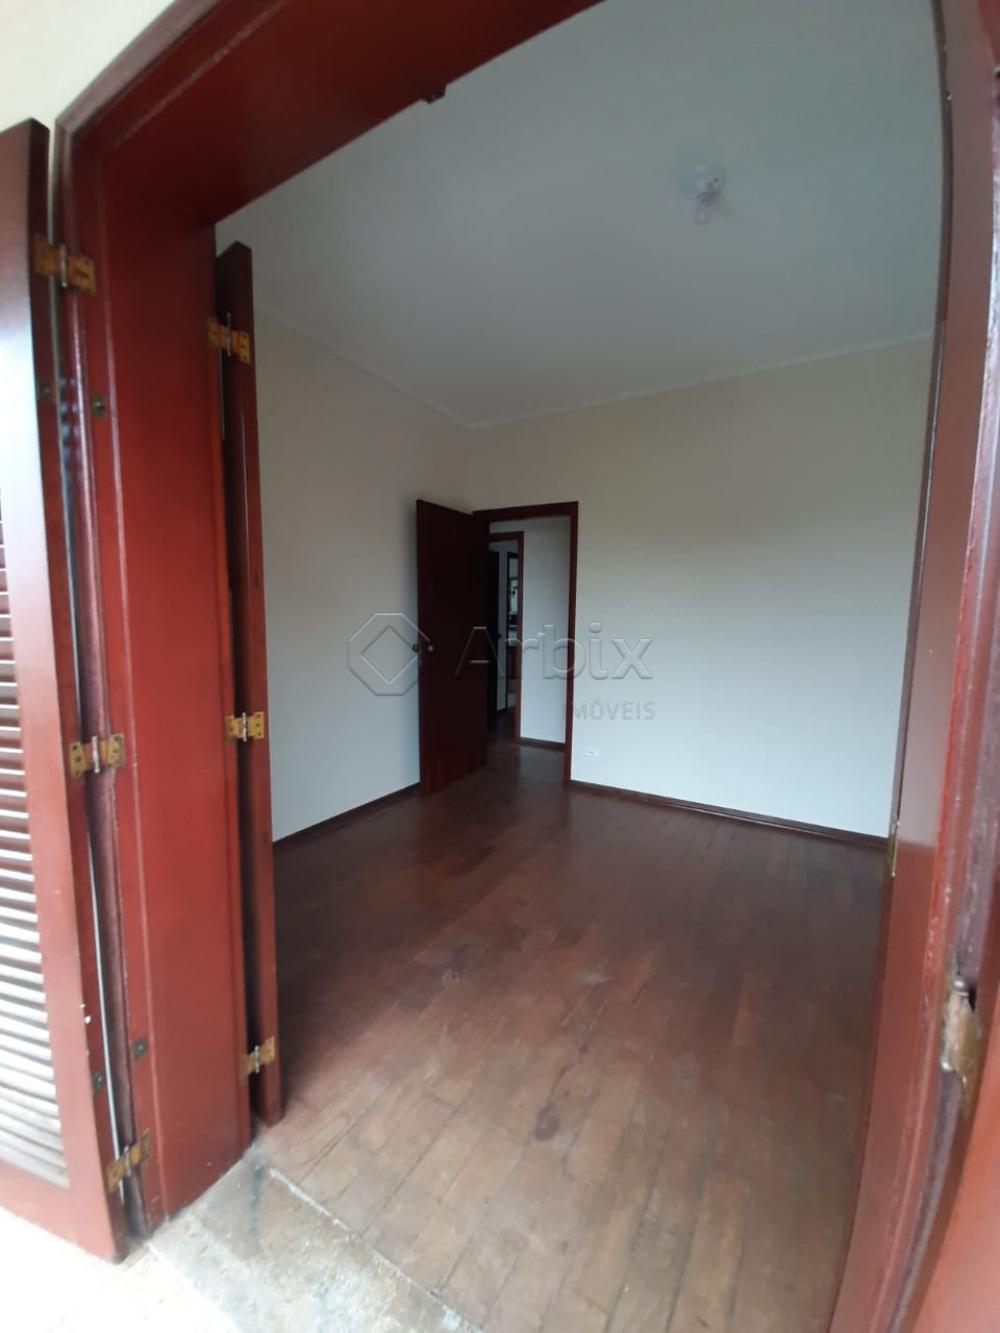 Alugar Casa / Sobrado em Americana apenas R$ 1.900,00 - Foto 20